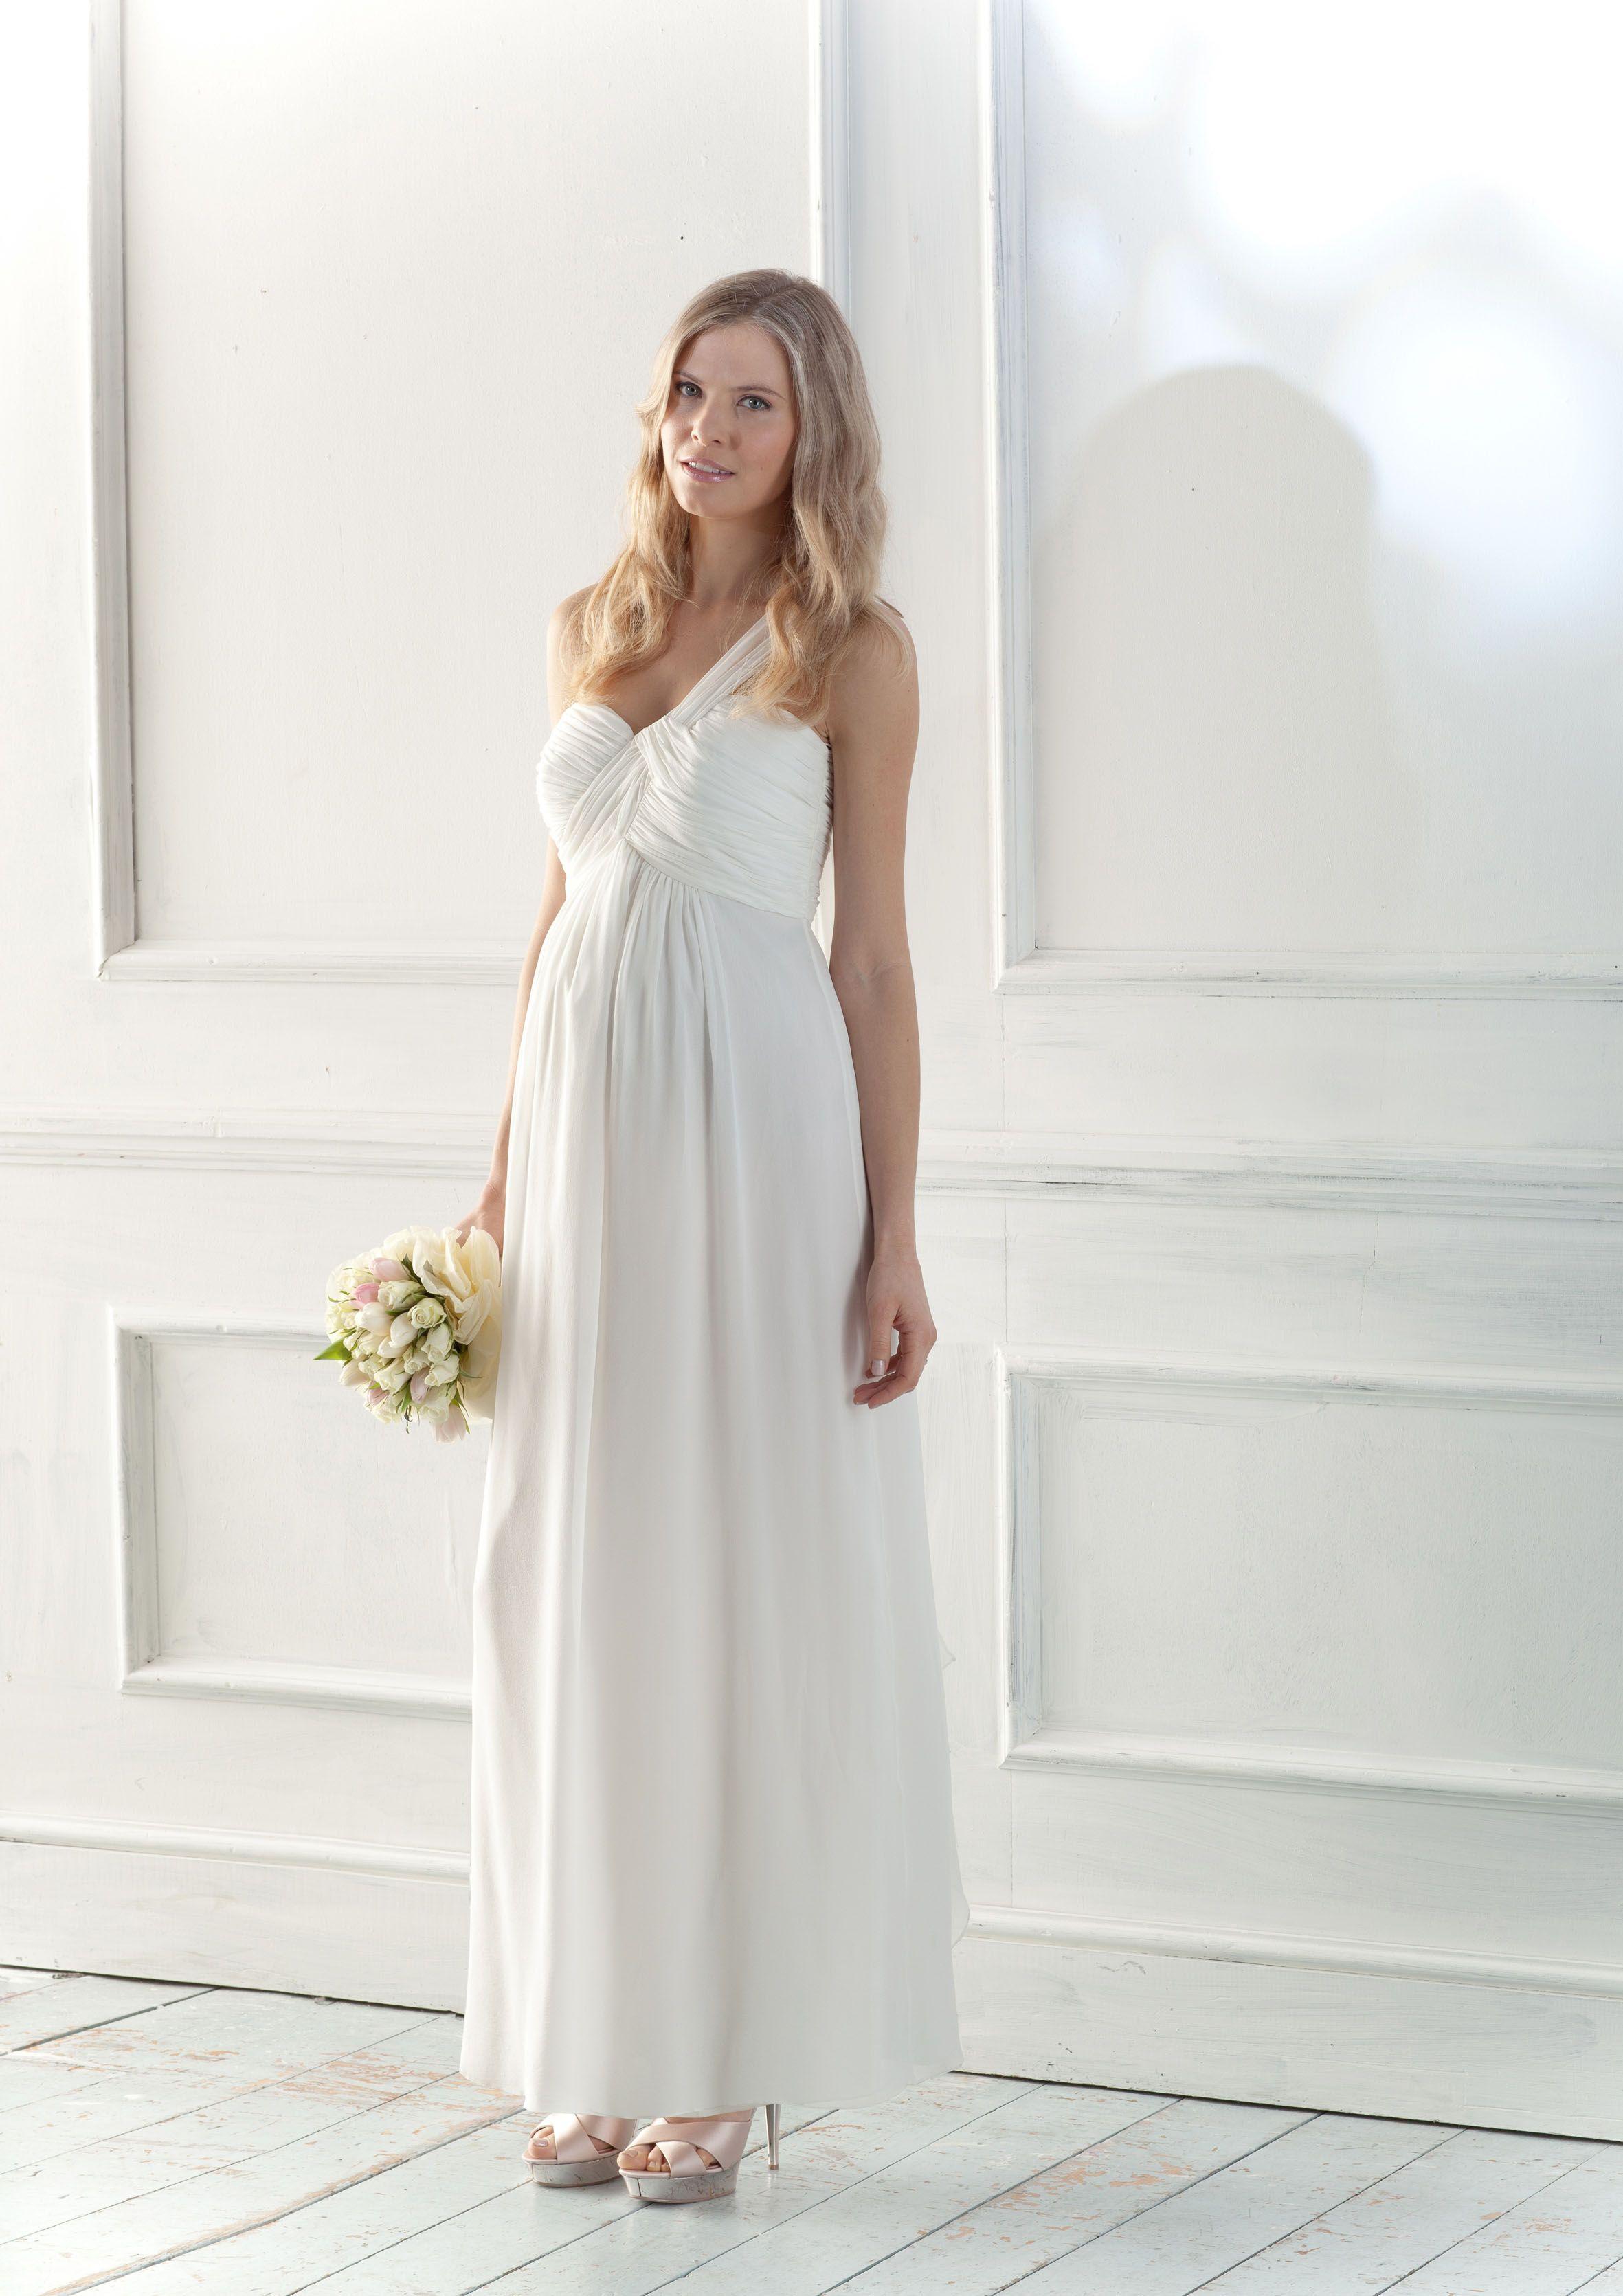 robe de mariee enceinte 5 mois